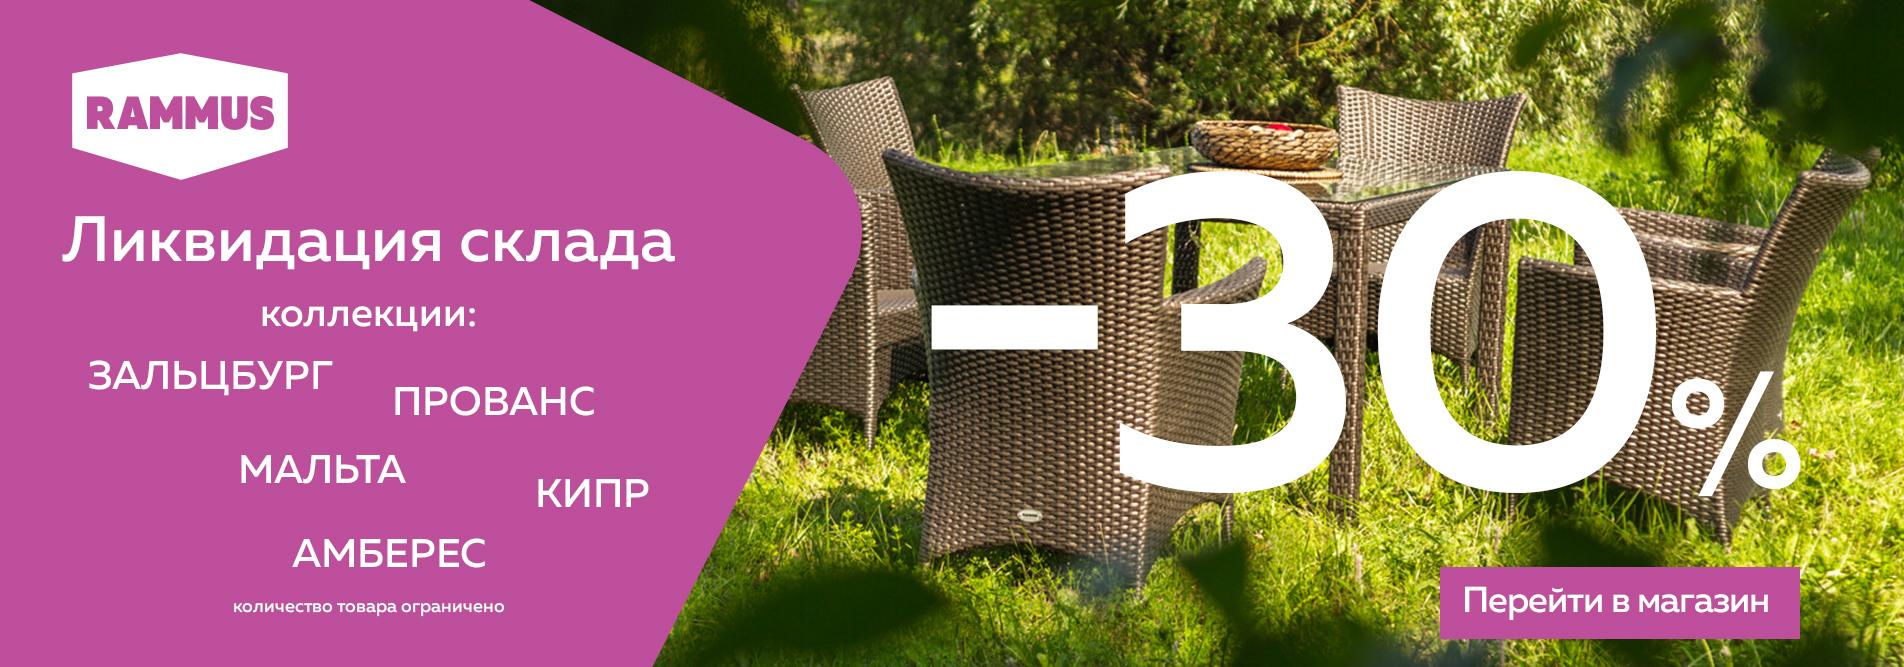 плетеная мебель по оптовым ценам, скидка 30% фото